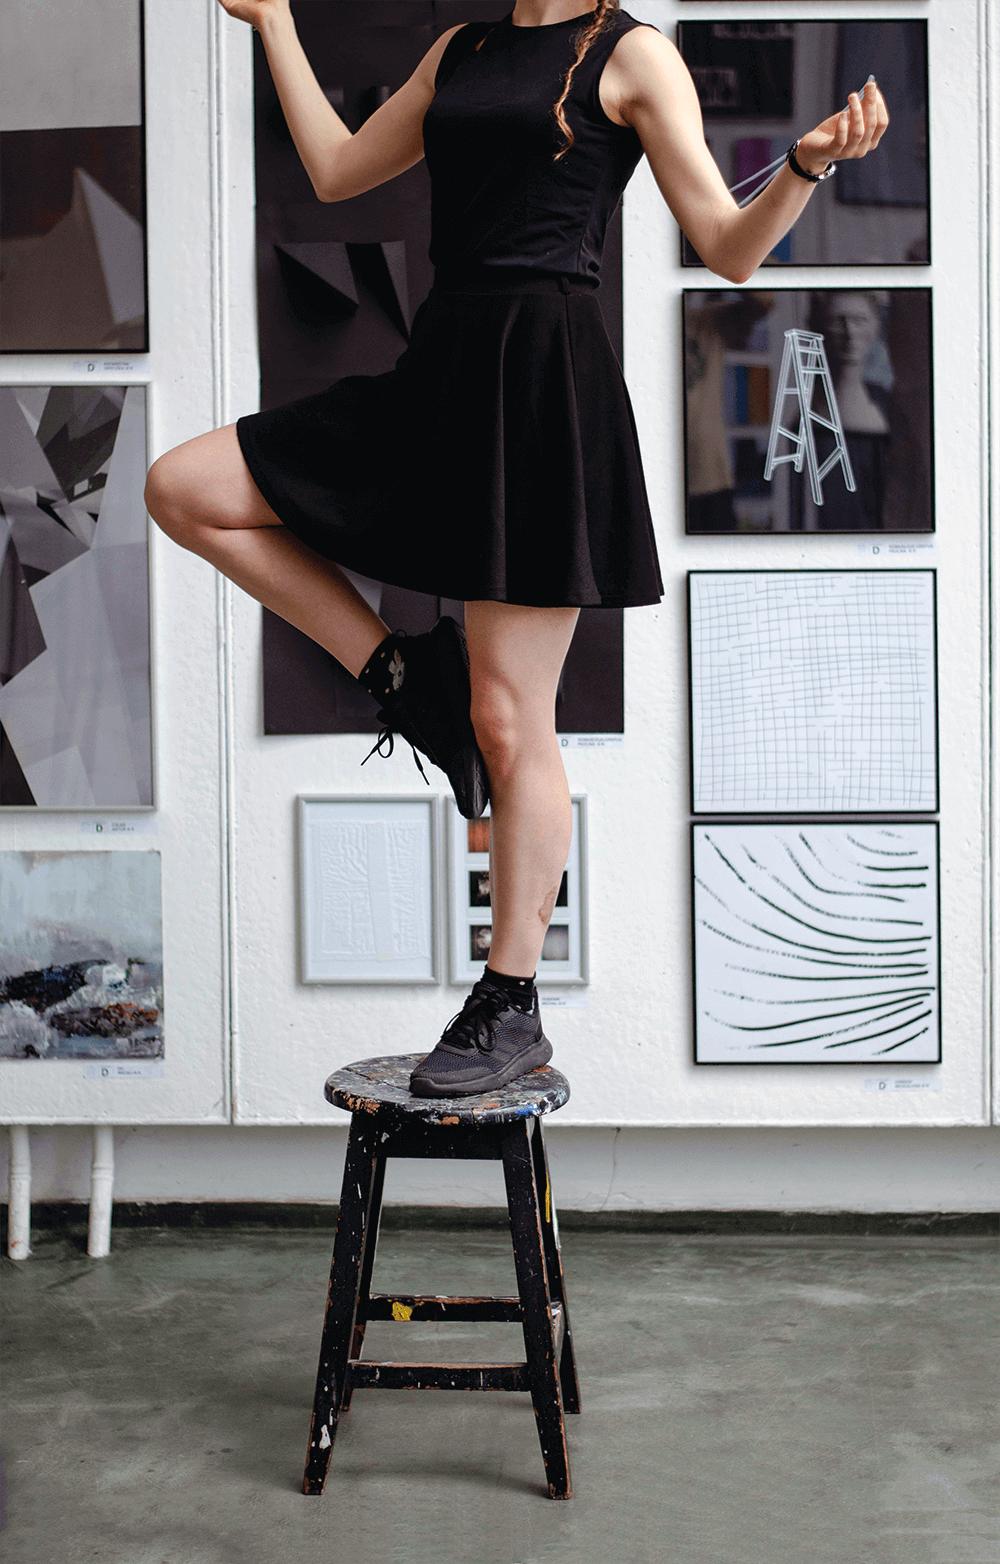 Studentka w czarnej sukience stoi na stołku i balansuje na jednej nodze. W tle widać wiele prac plastycznych: grafik, fotografii i kolaży wyeksponowanych na ścianie.